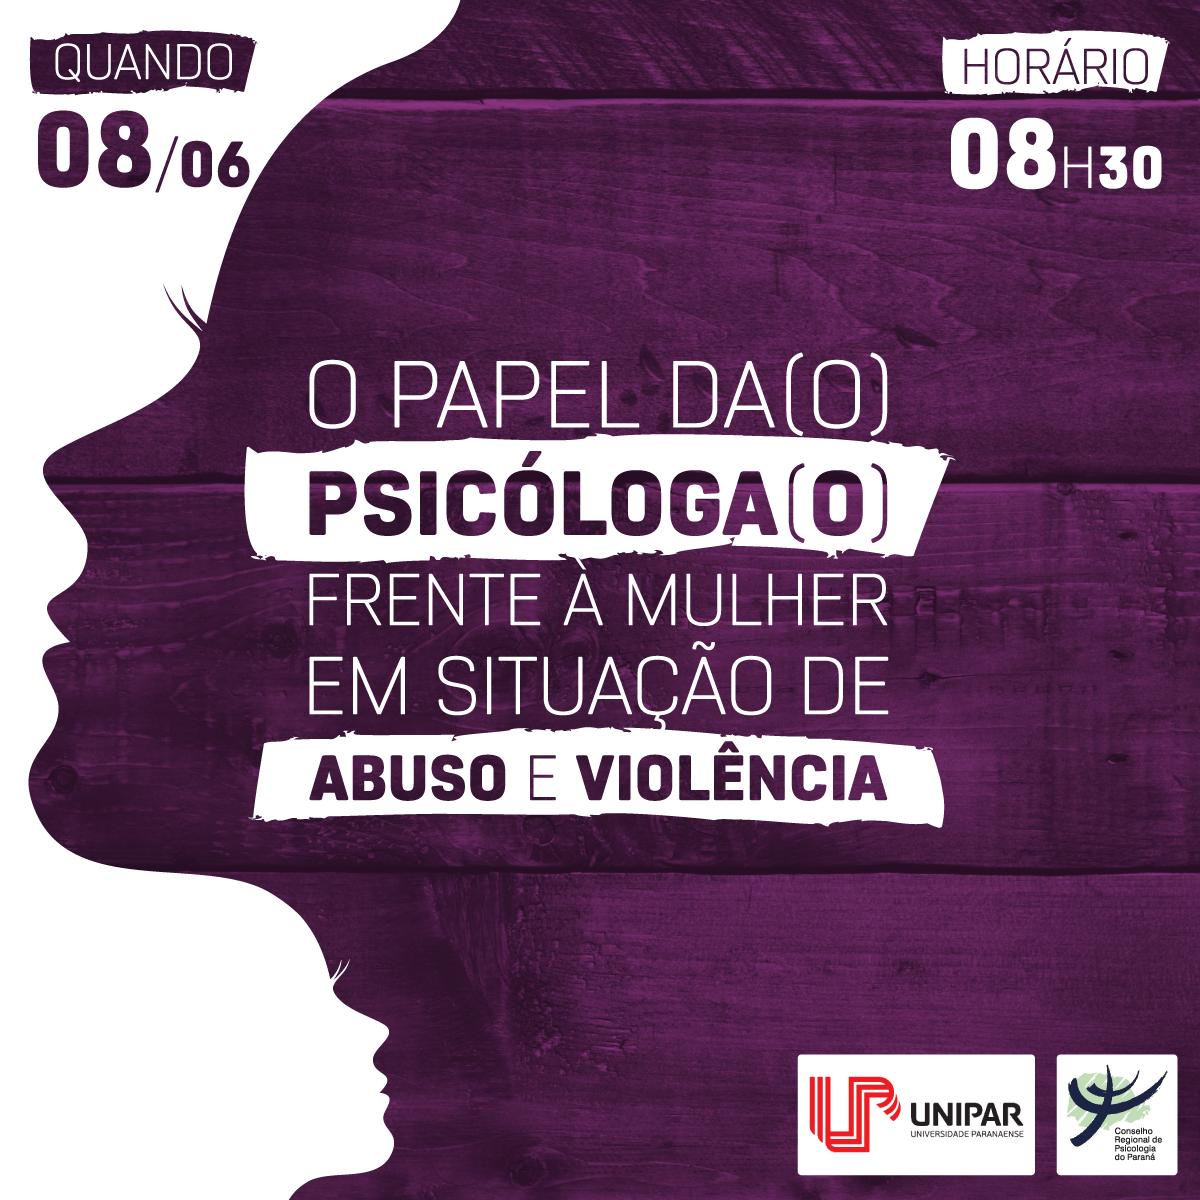 Francisco Beltrão | O papel da(o) Psicóloga(o) frente à mulher em situação de abuso e violência